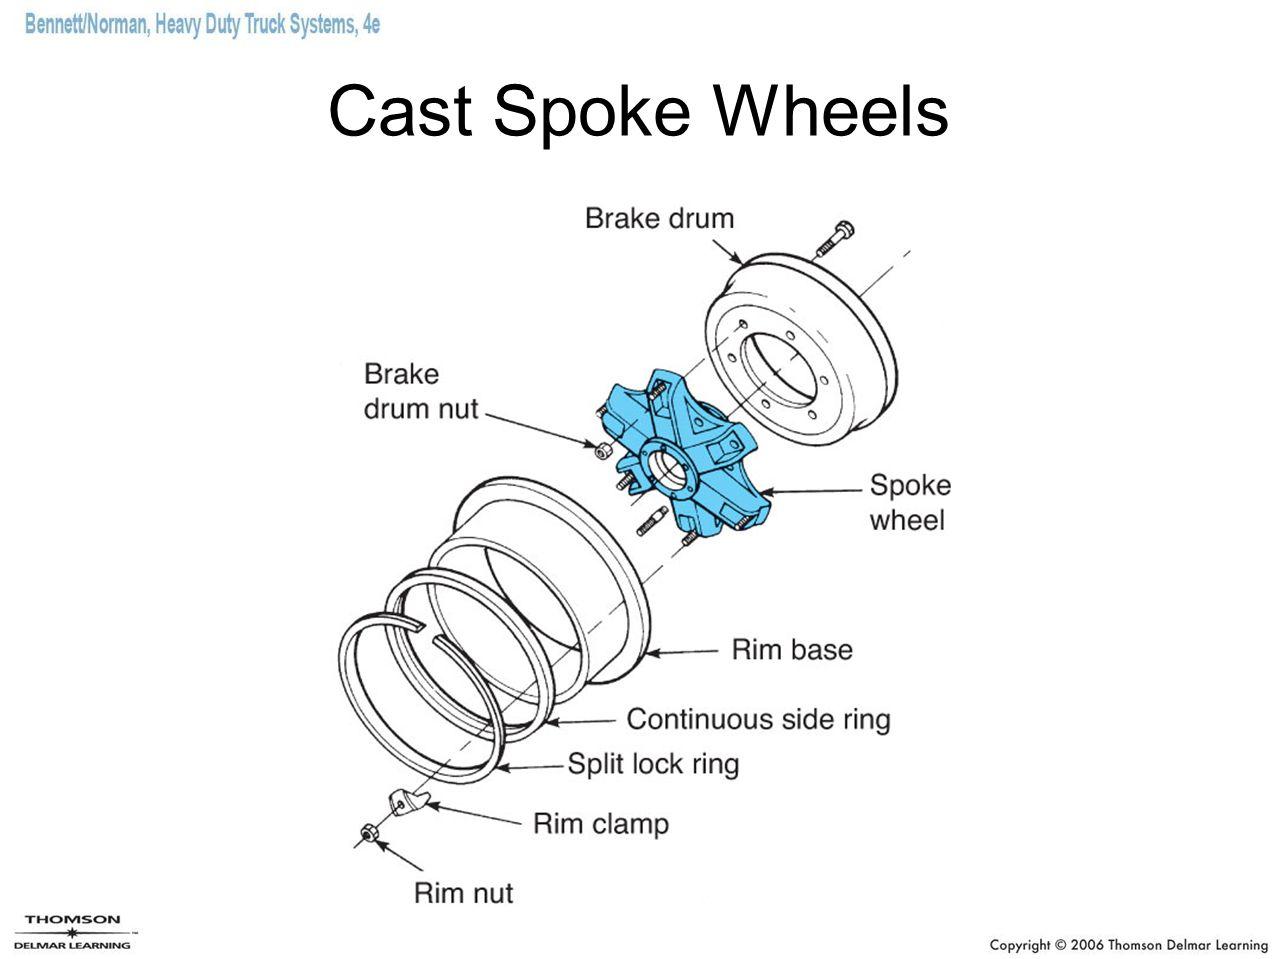 hight resolution of 4 cast spoke wheels